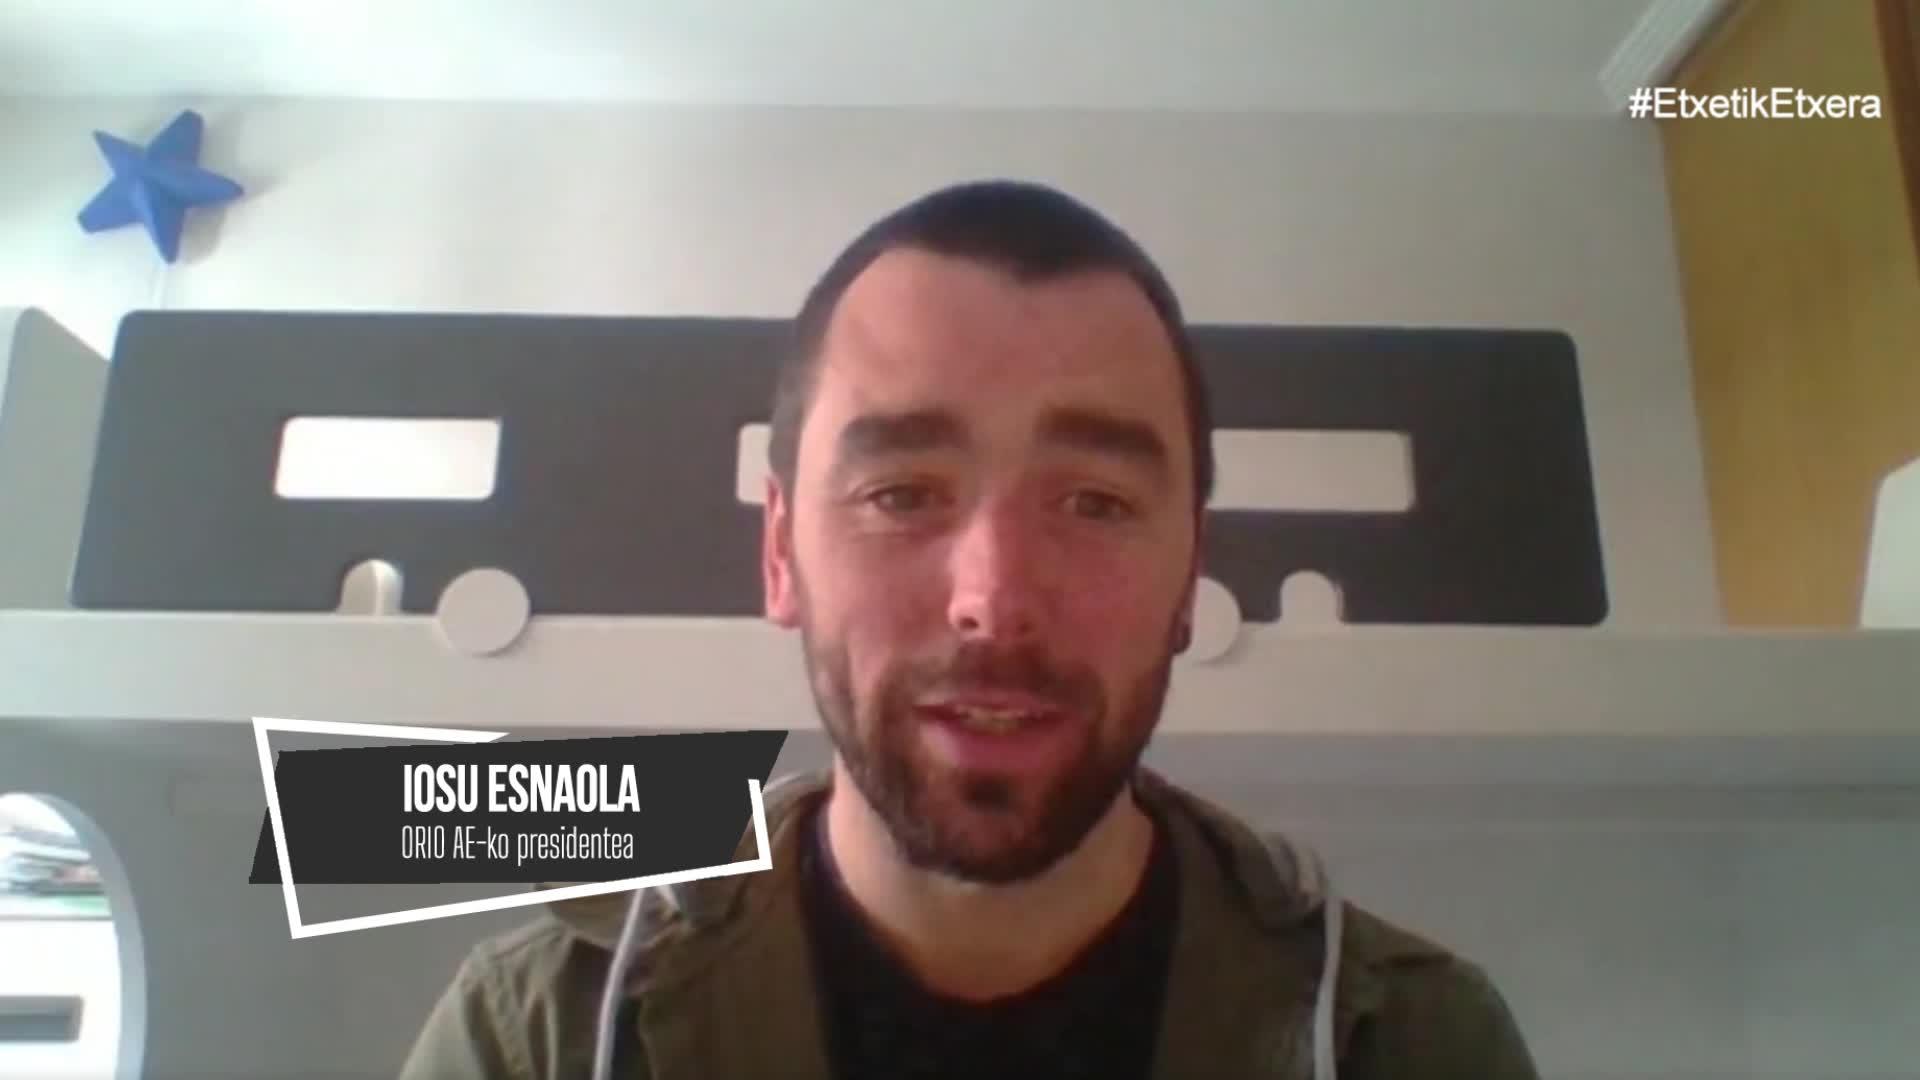 Iosu Esnaola, etxetik etxera